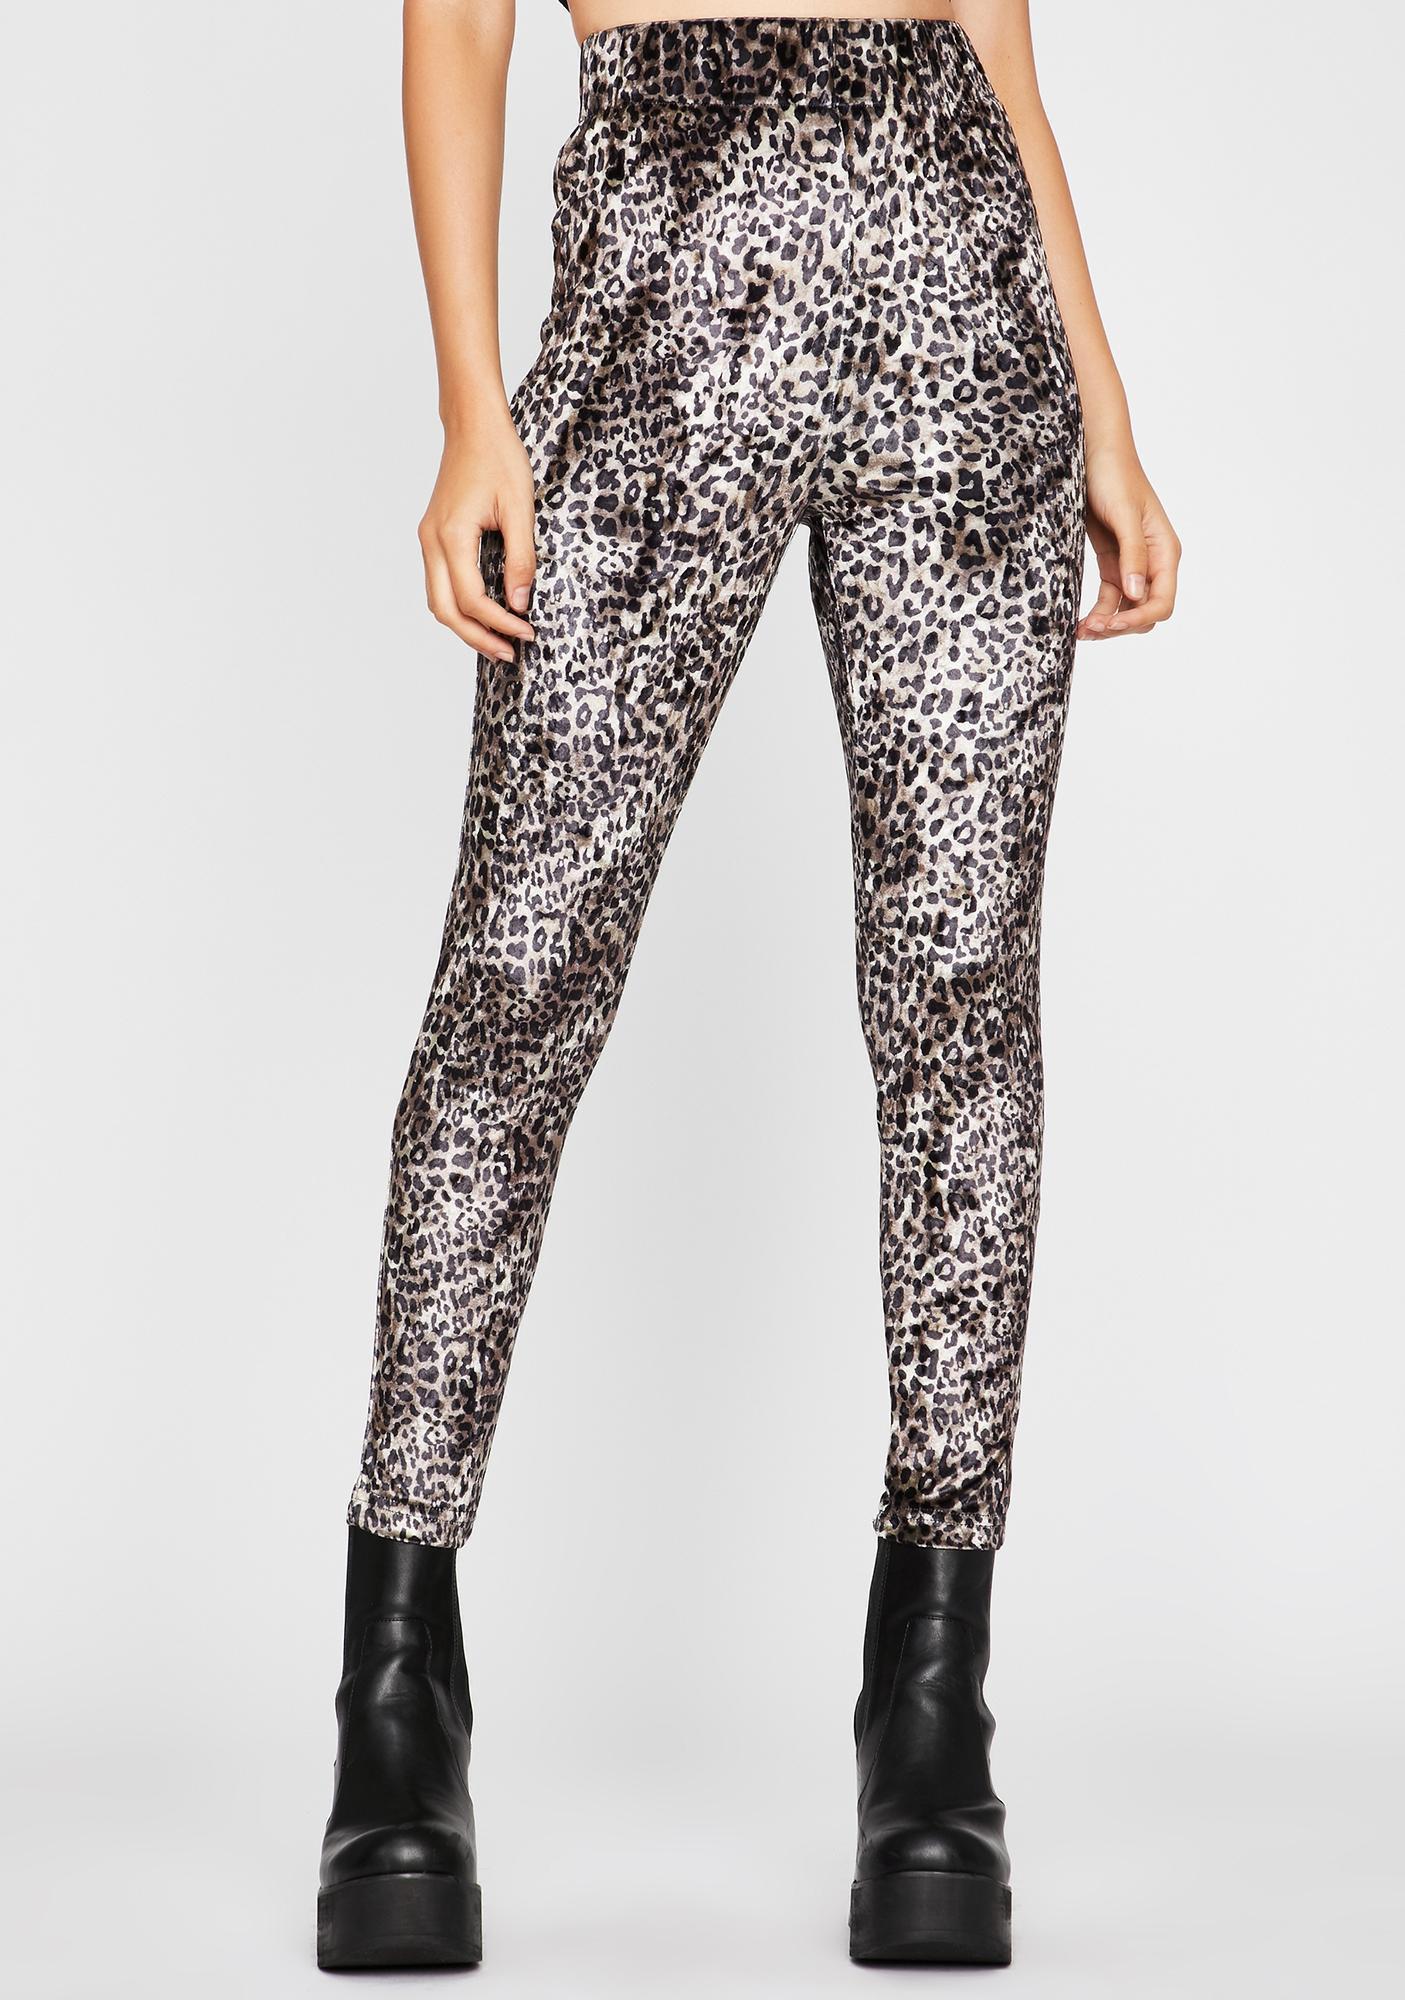 Kitty Kween Leopard Leggings